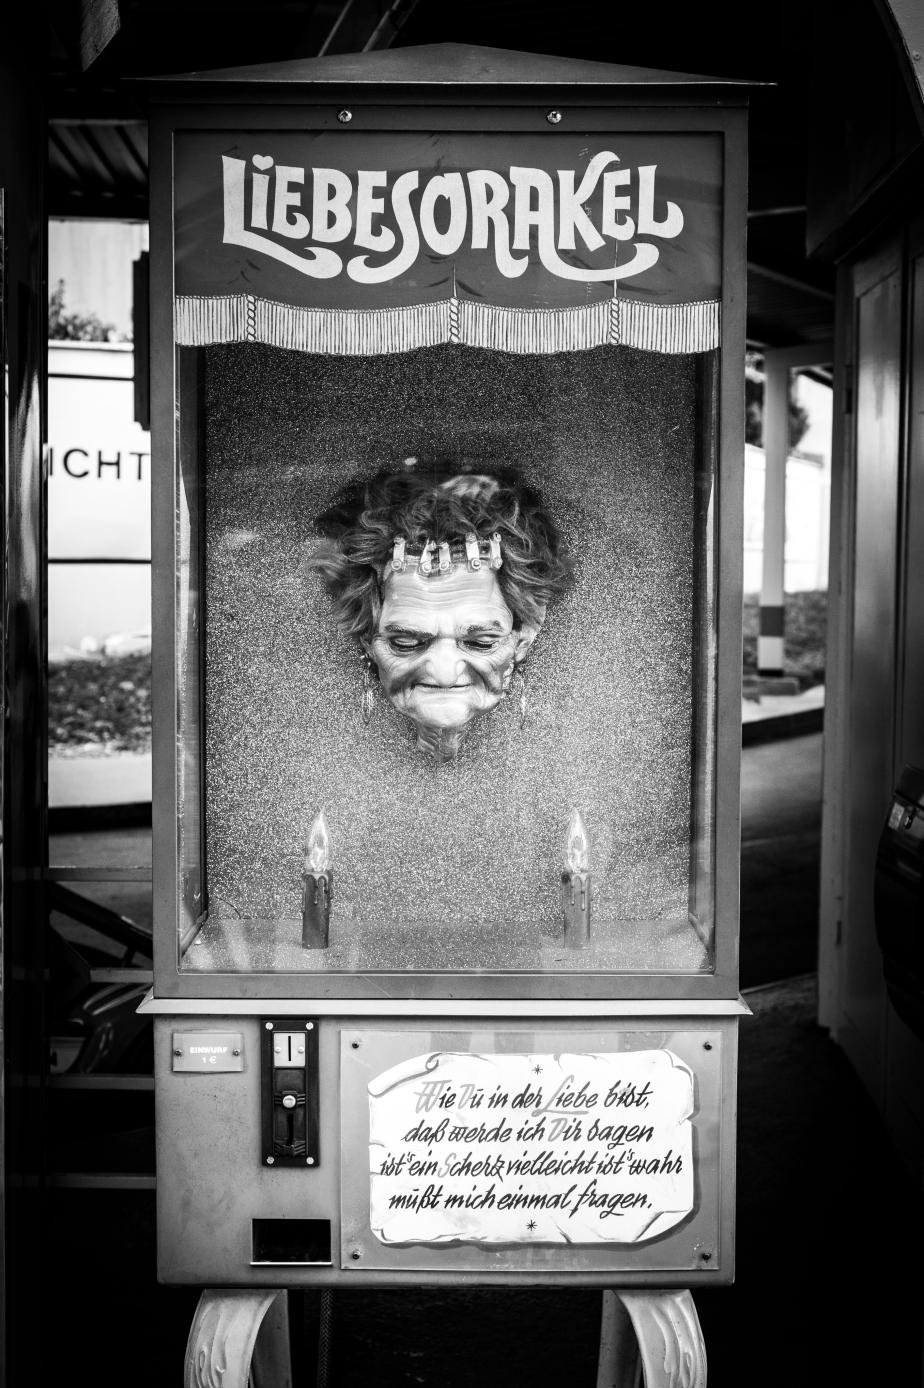 Wiener Prater | © Ruperta M. Steinwender